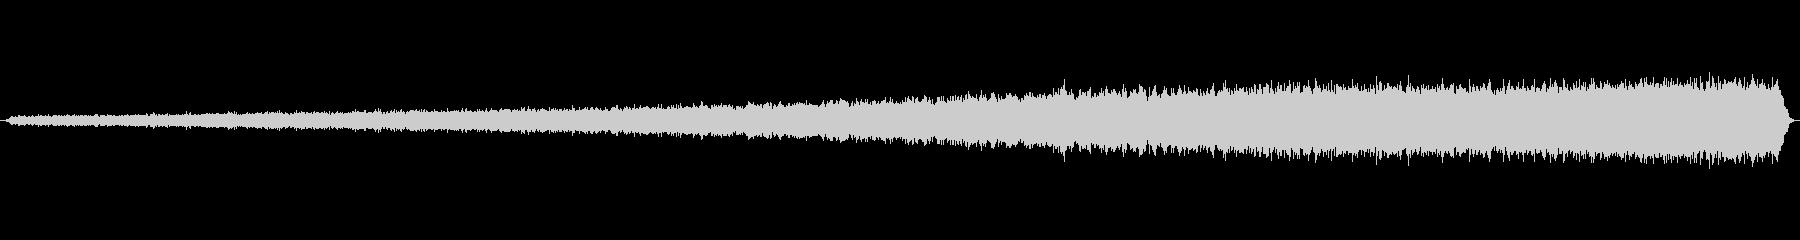 上昇 タービンスタートロング01の未再生の波形